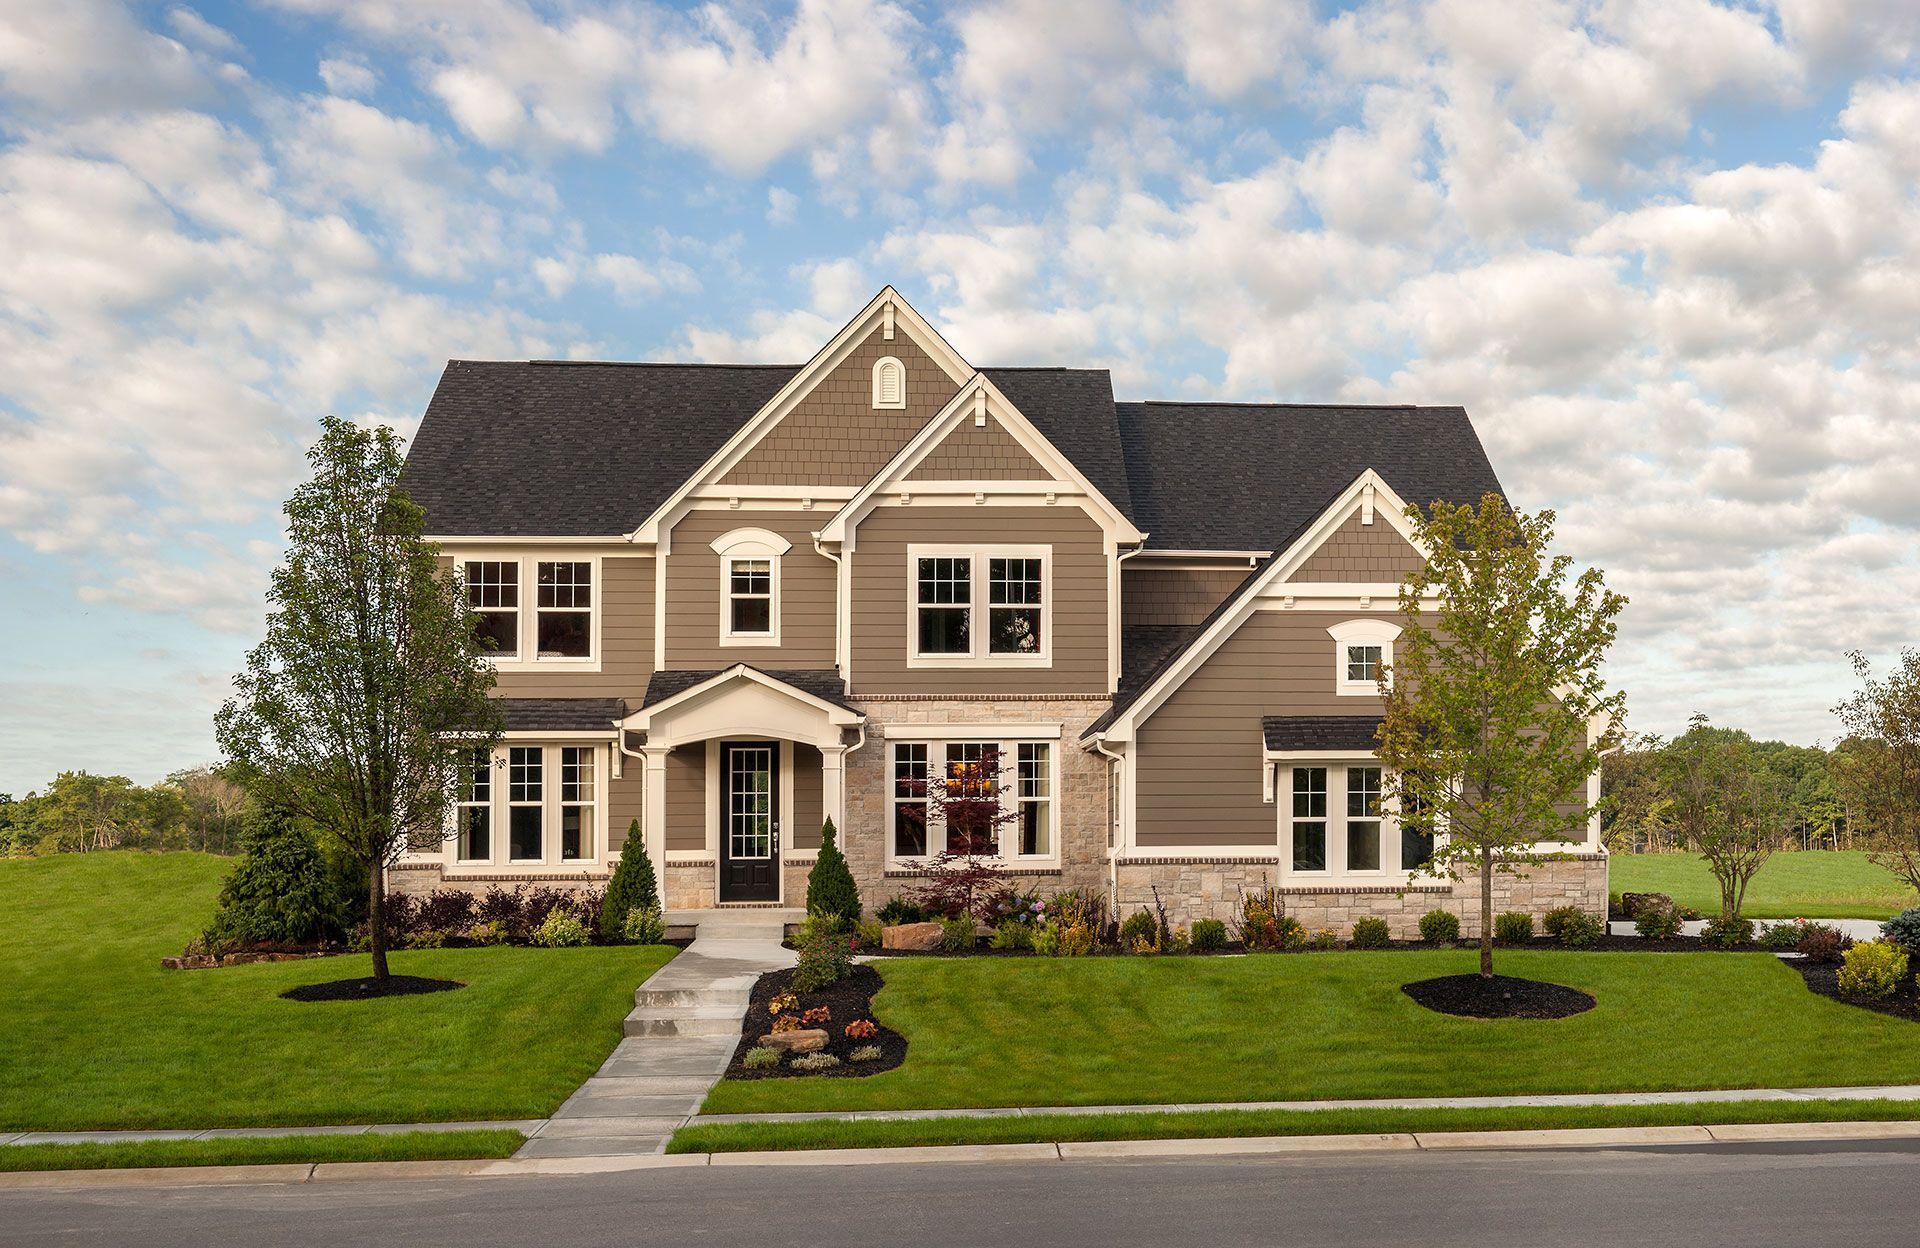 Ash Lawn Plan, Carmel, Indiana 46032 - Ash Lawn Plan at Albany Place ...